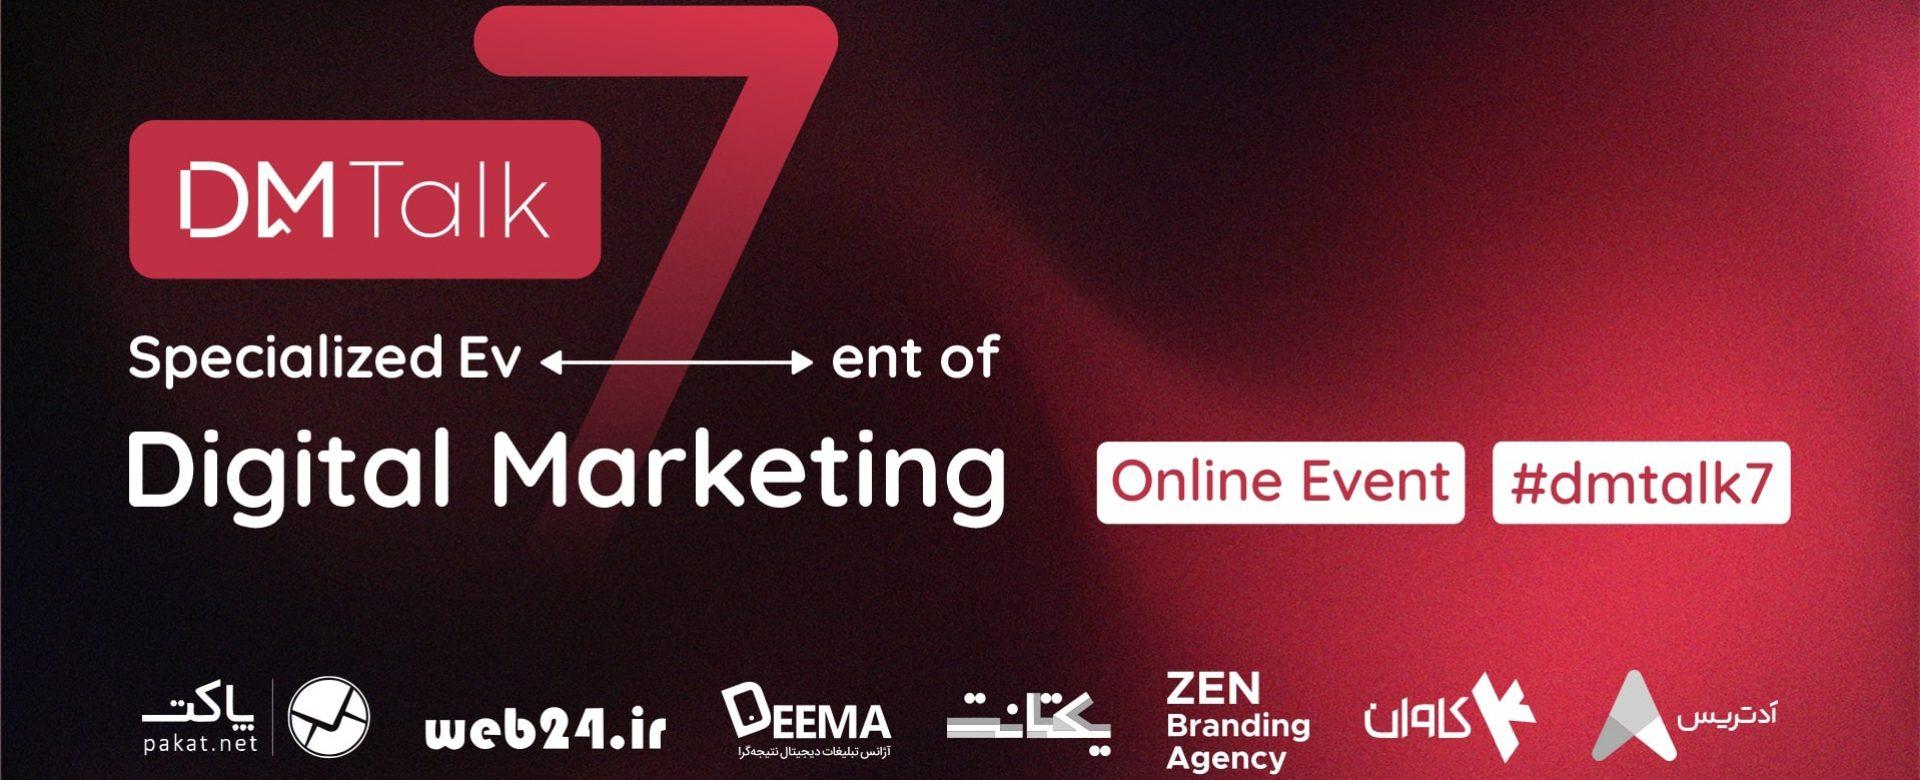 طراحی دی ام تاک 7 DM Talk 7 آژانس بردسازی ذن ZEN Branding agency (9)